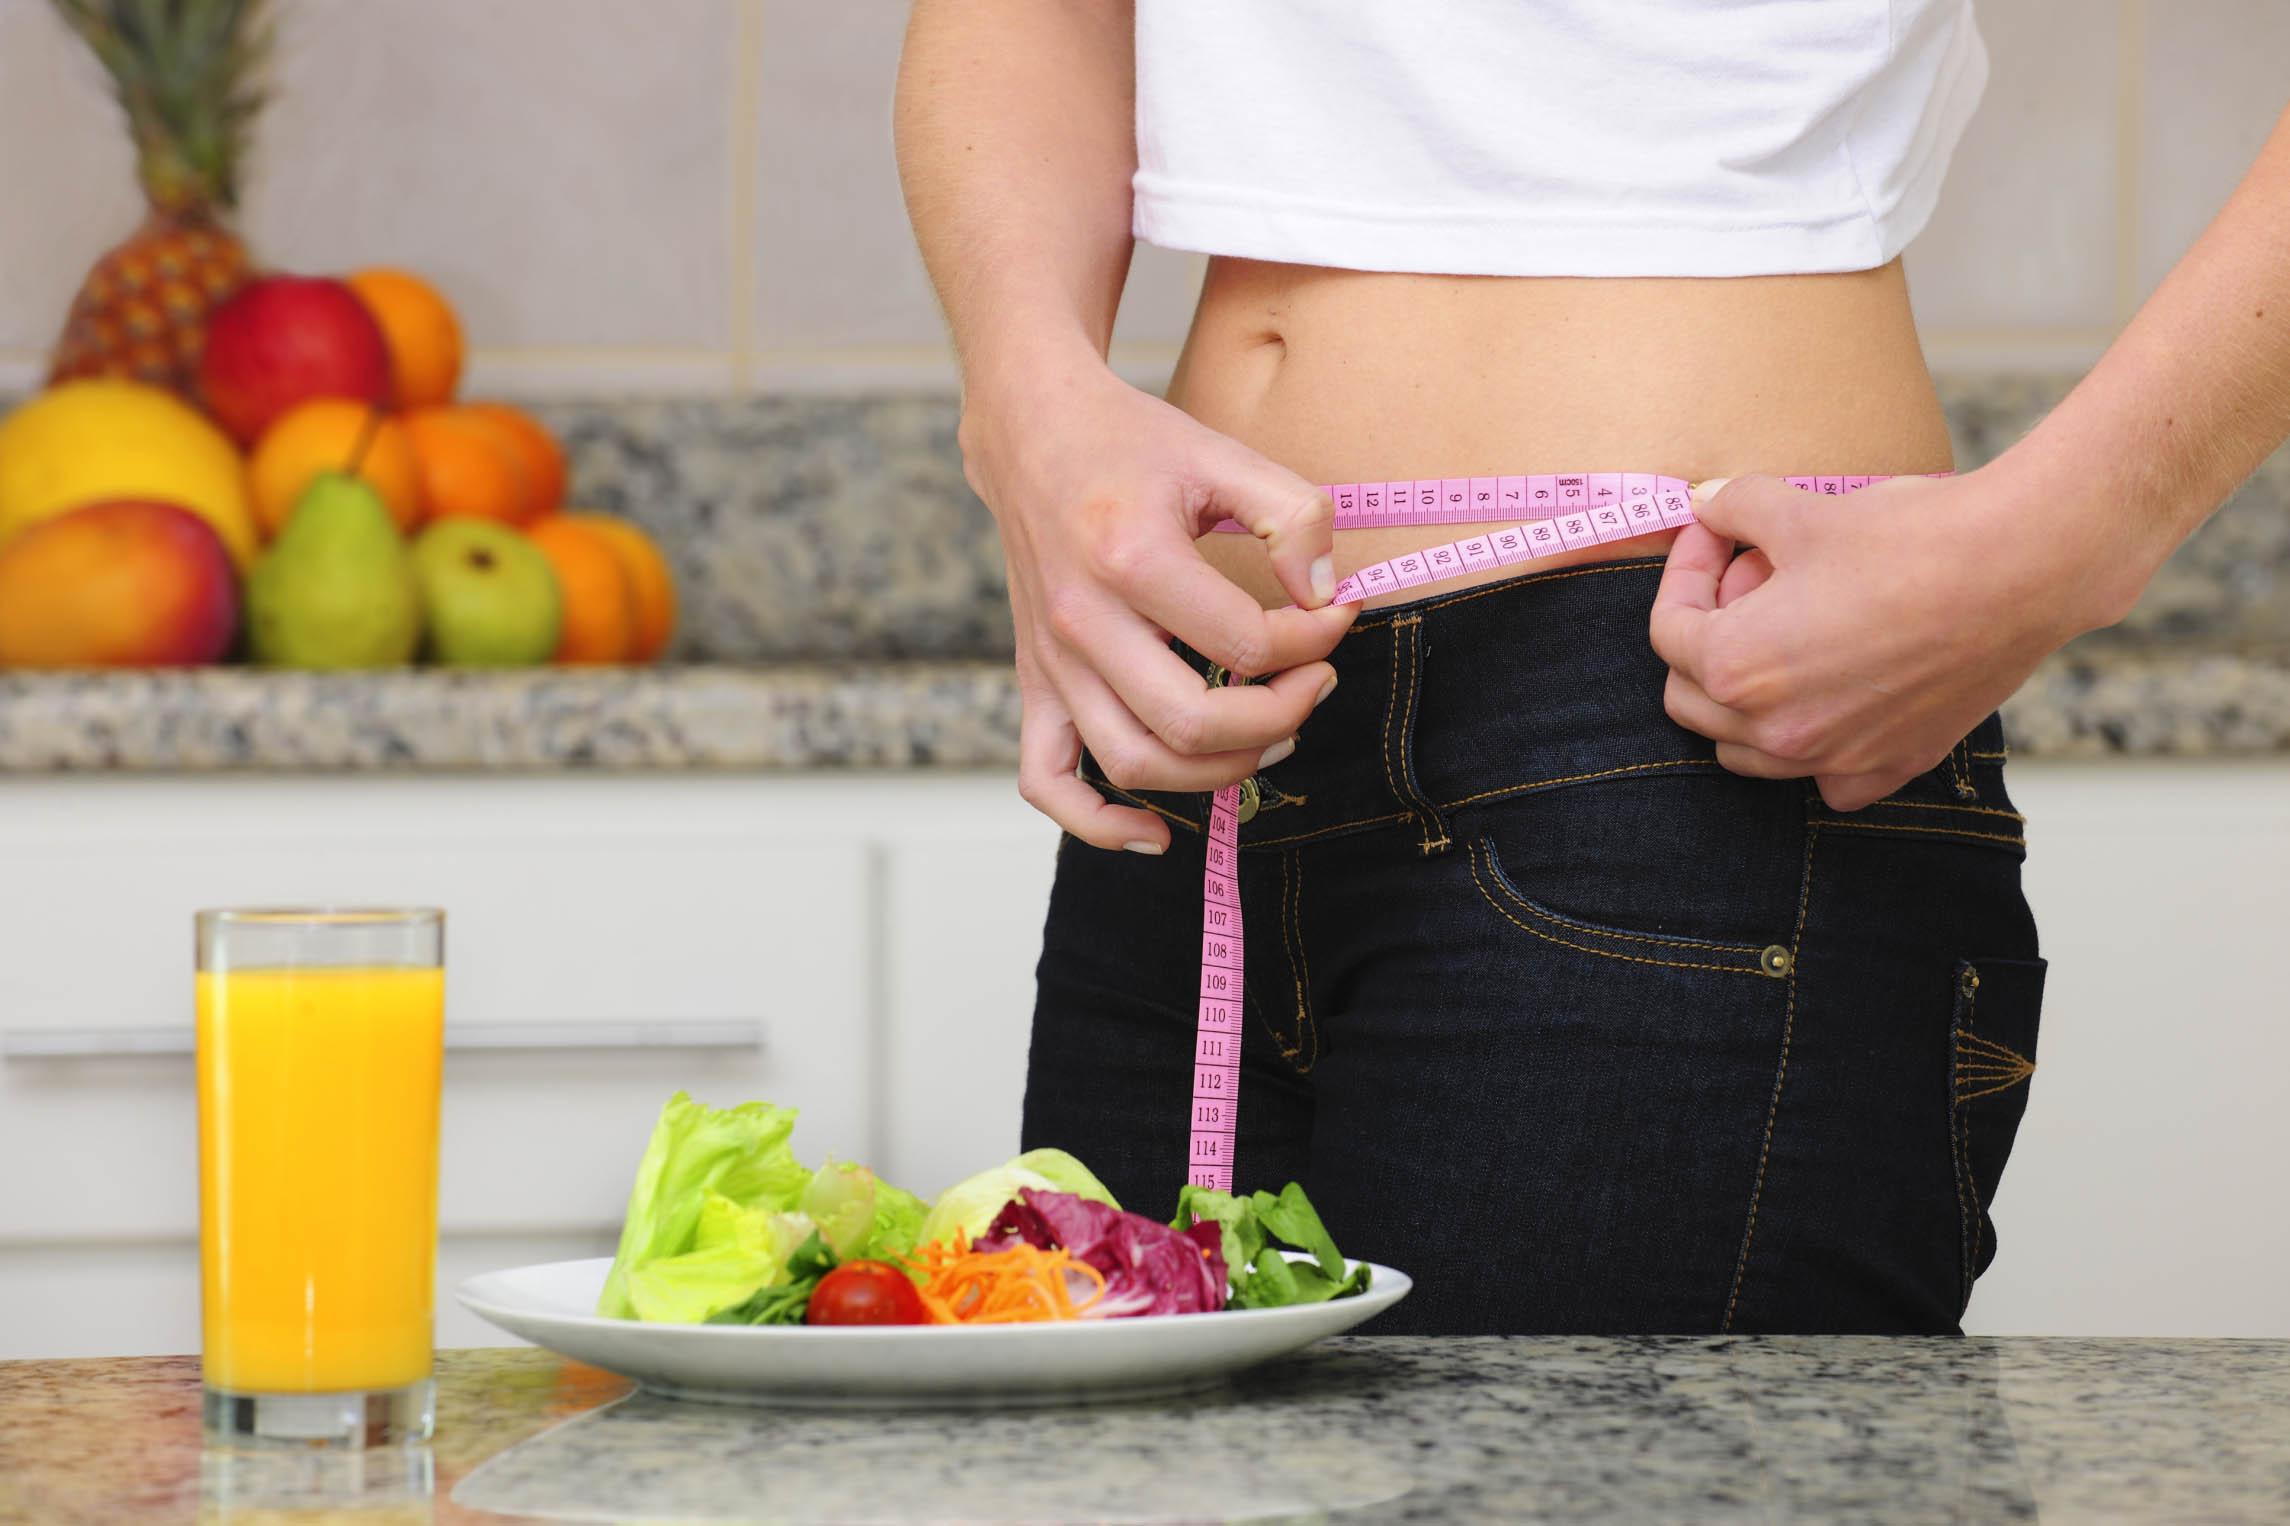 Diete Veloci 5 Kg : Dieta lampo: come perdere 10 kg in soli 14 giorni cibo.info